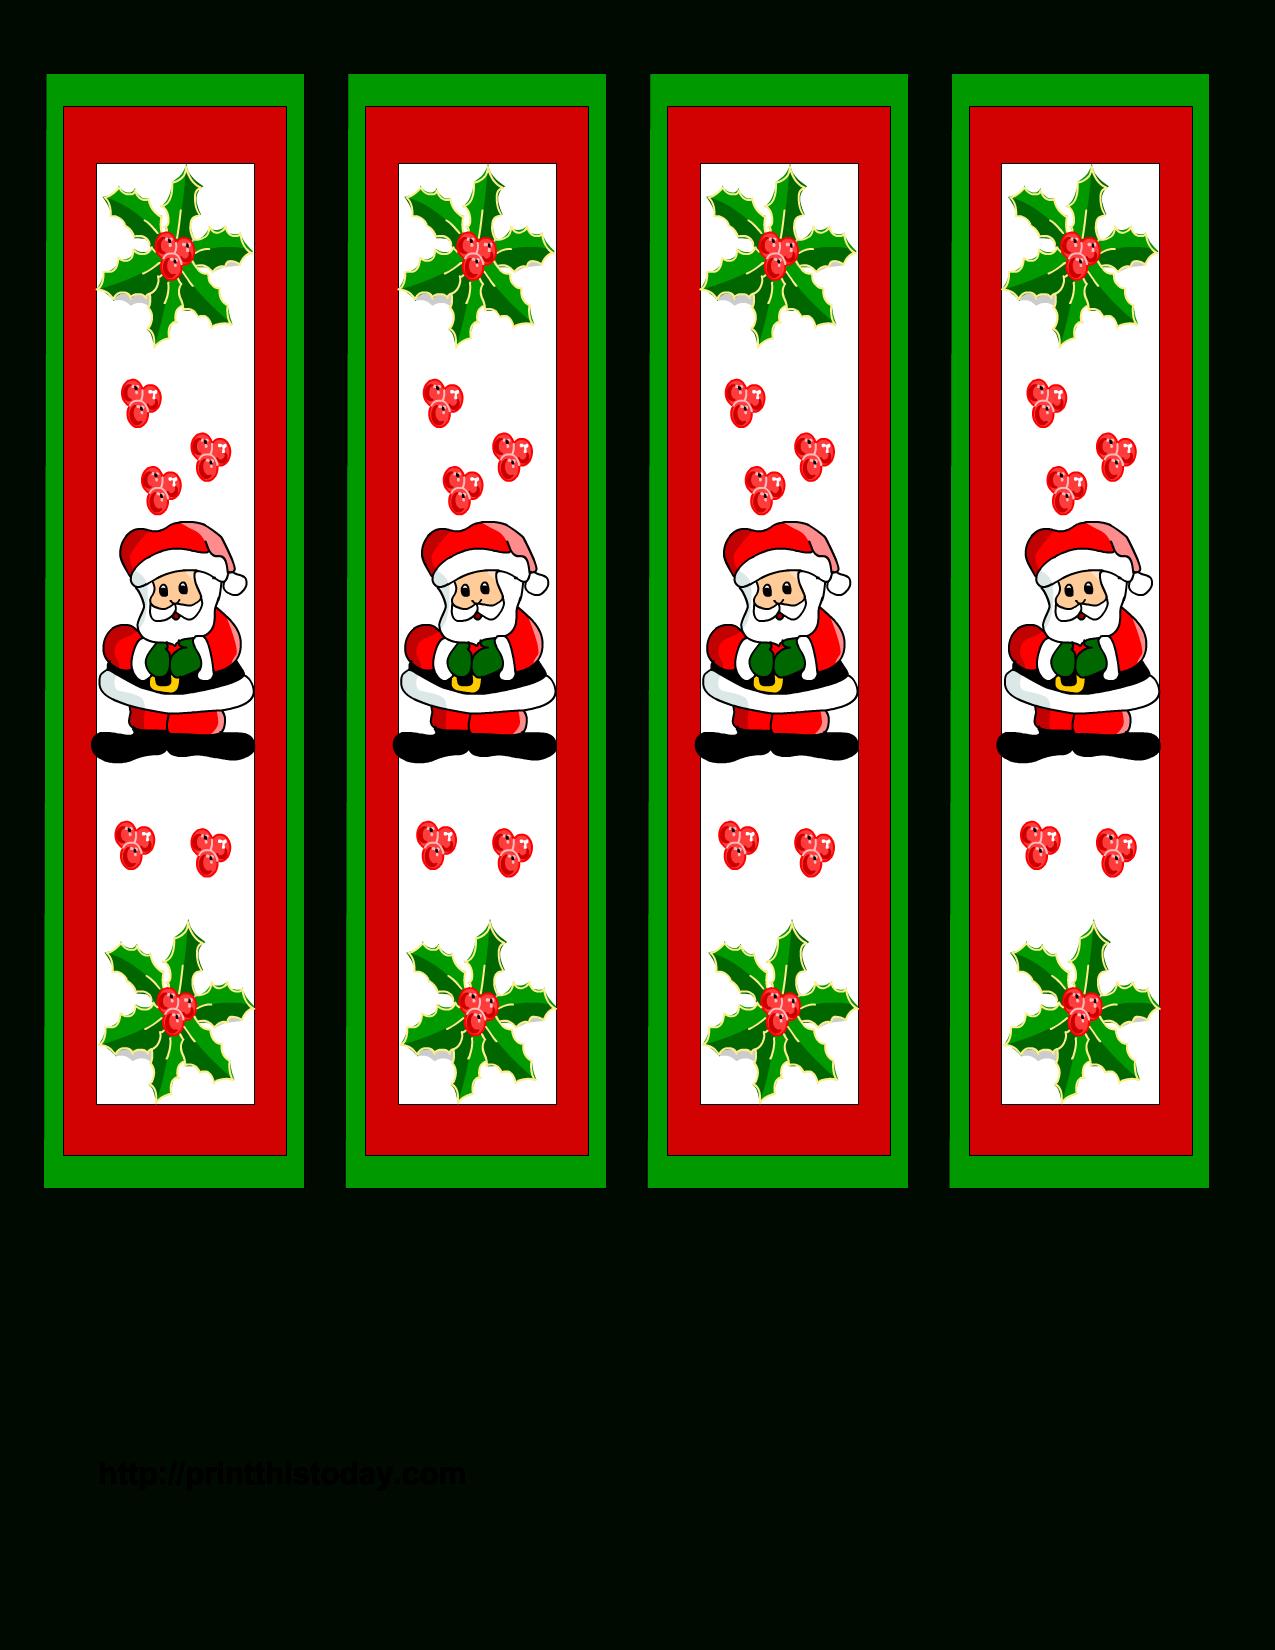 Free Printable Christmas Bookmarks | Christmas | Free Christmas - Free Printable Bookmarks For Christmas